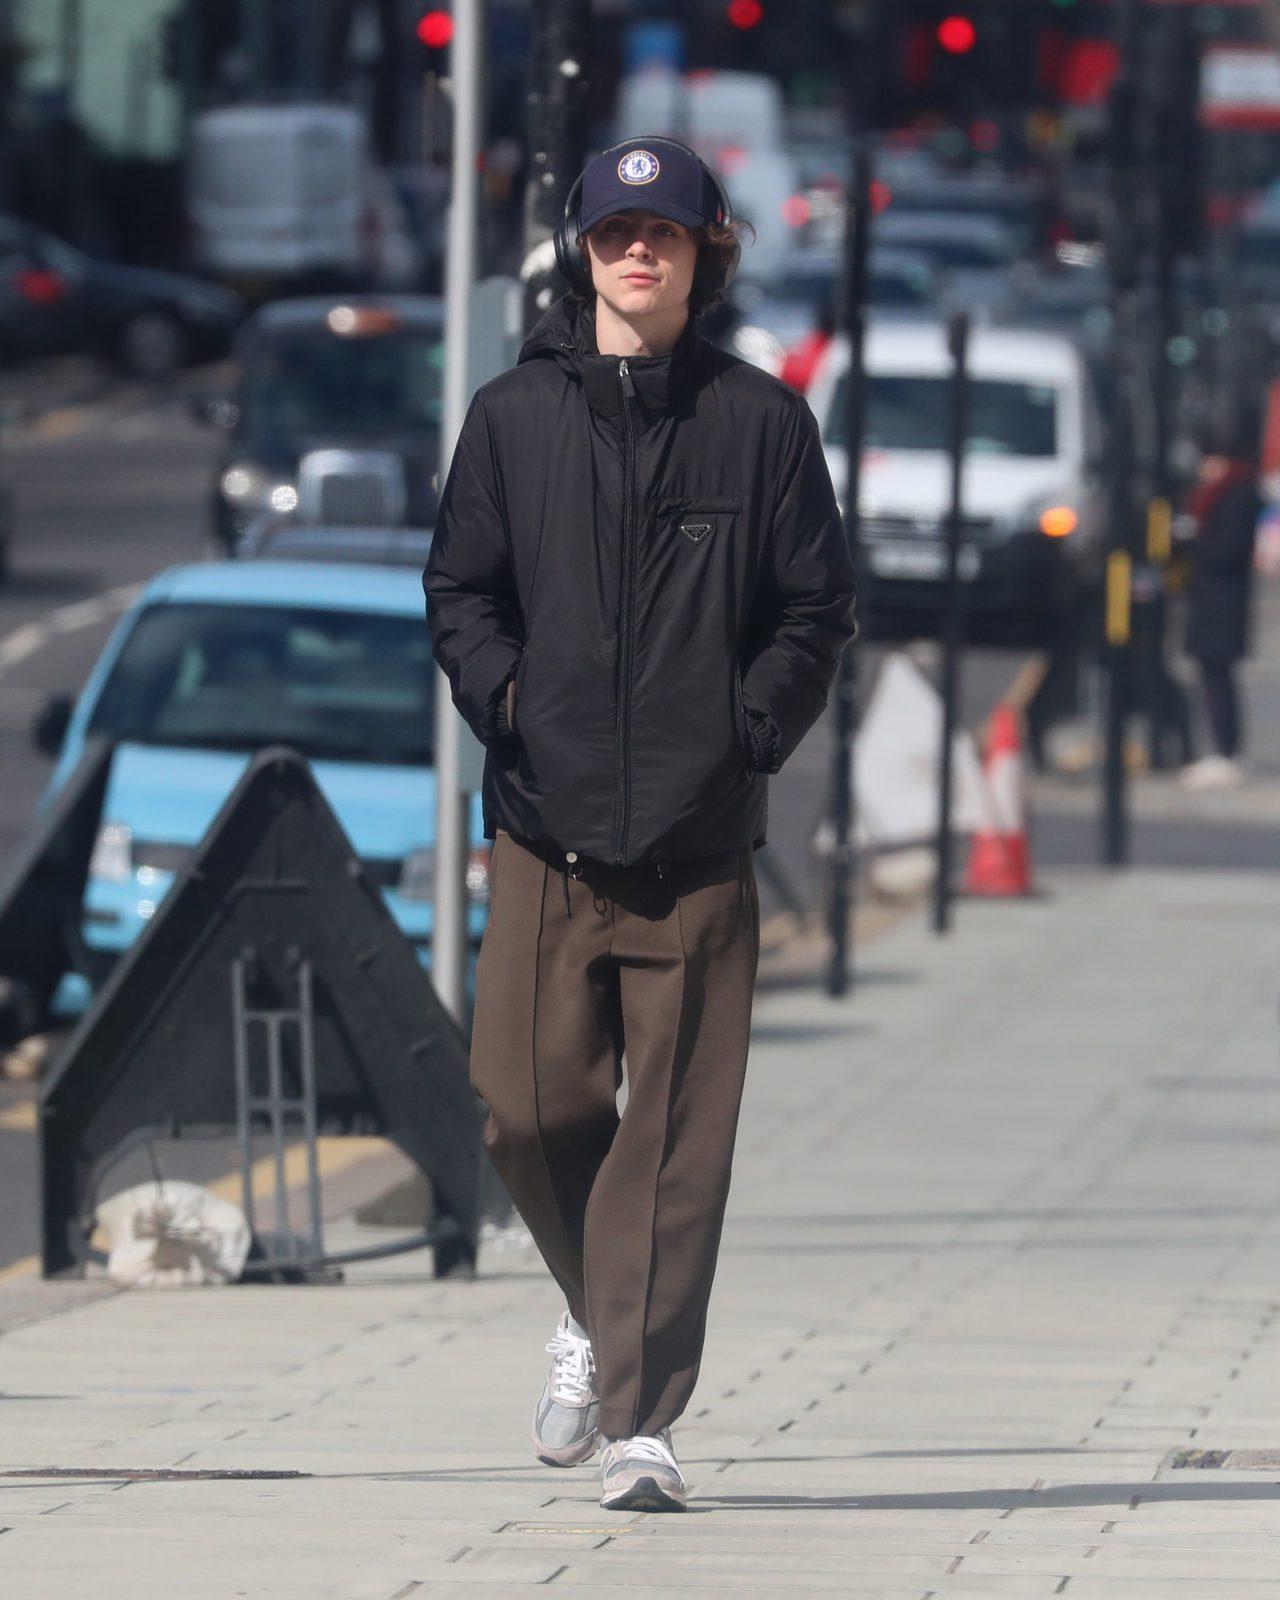 Mlody mężczyzna przemierza ulice